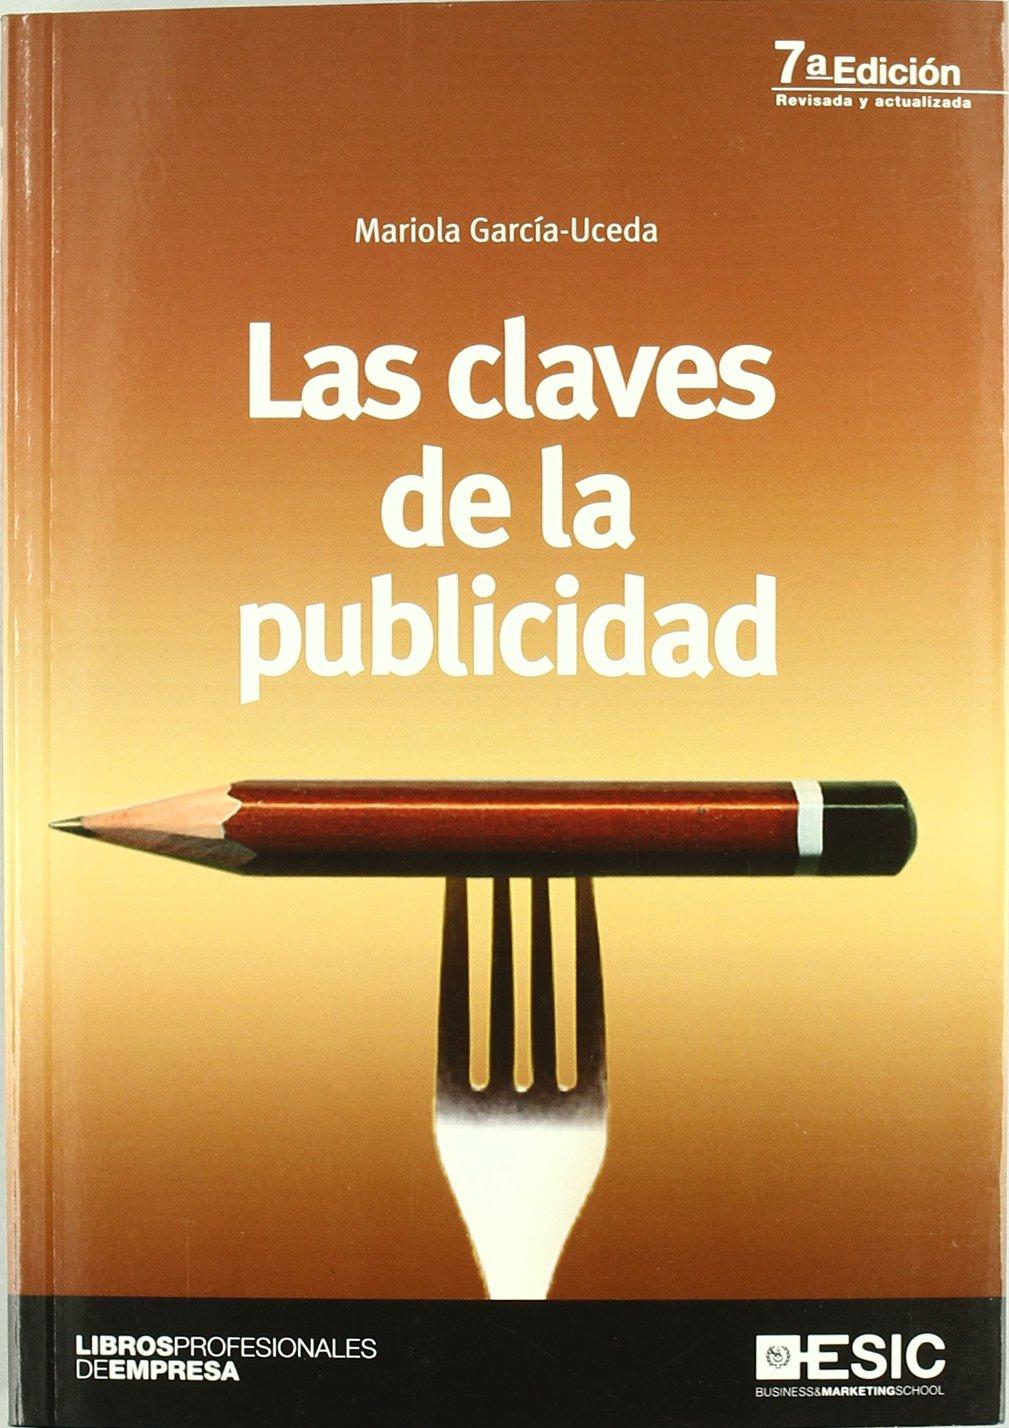 Las claves de la publicidad (Libros profesionales): Amazon.es: Mariola García-Uceda: Libros